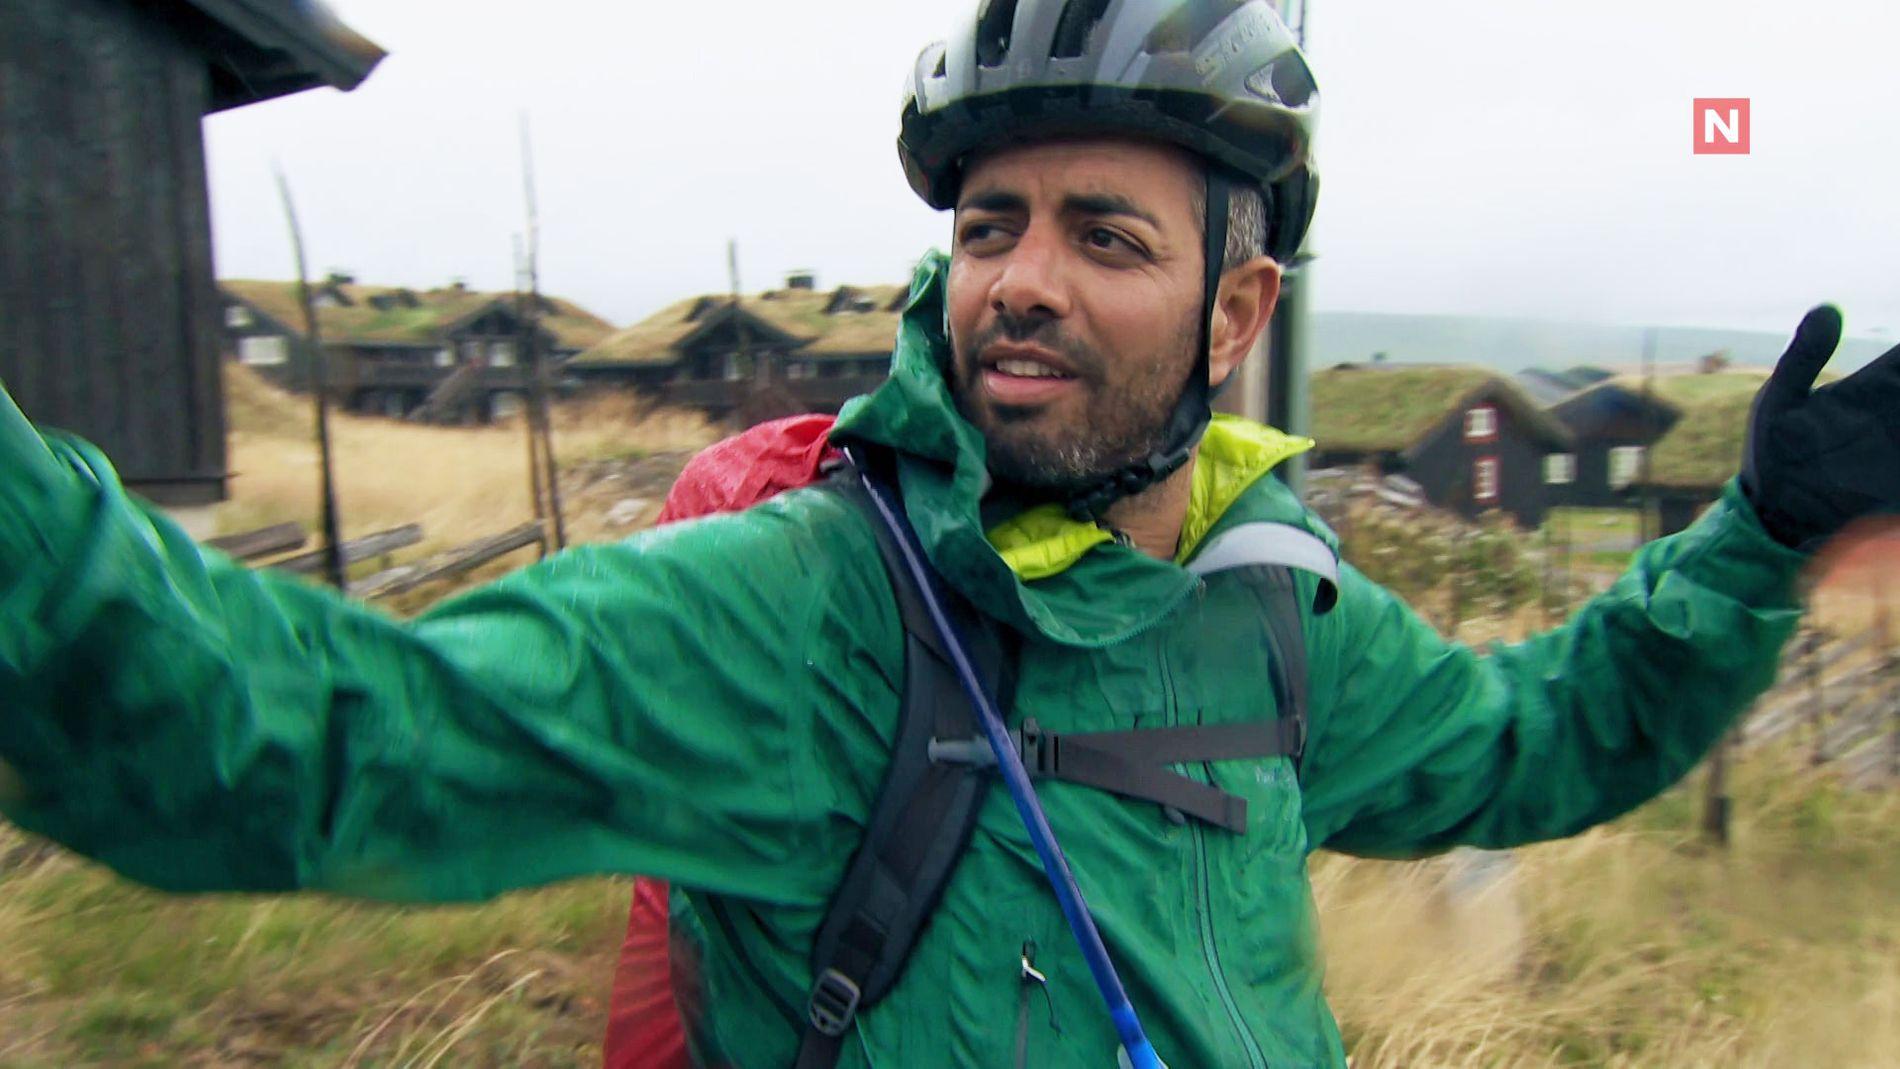 OPPGITT: Yousef Hadaoui i onsdagens episode, der han valgte å droppe ut av konkurransen.